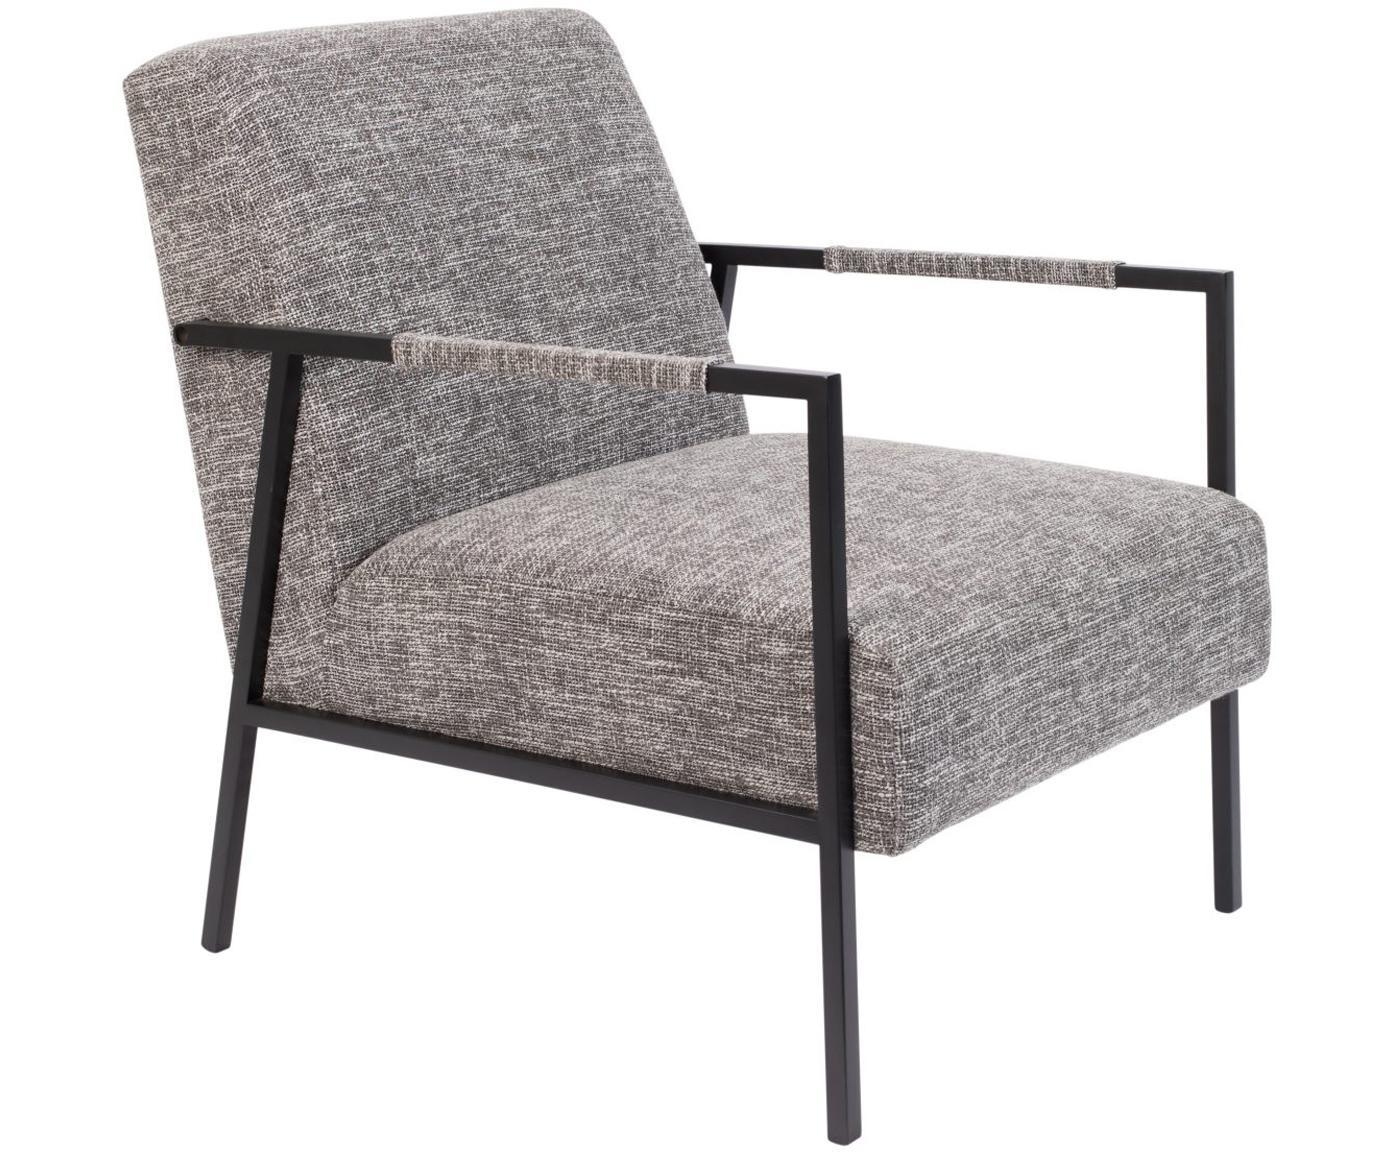 Sedia a poltrona grigia Wakasan, Rivestimento: poliestere 40.000 cicli d, Struttura: metallo verniciato a polv, Tessuto grigio, Larg. 61 x Prof. 81 cm